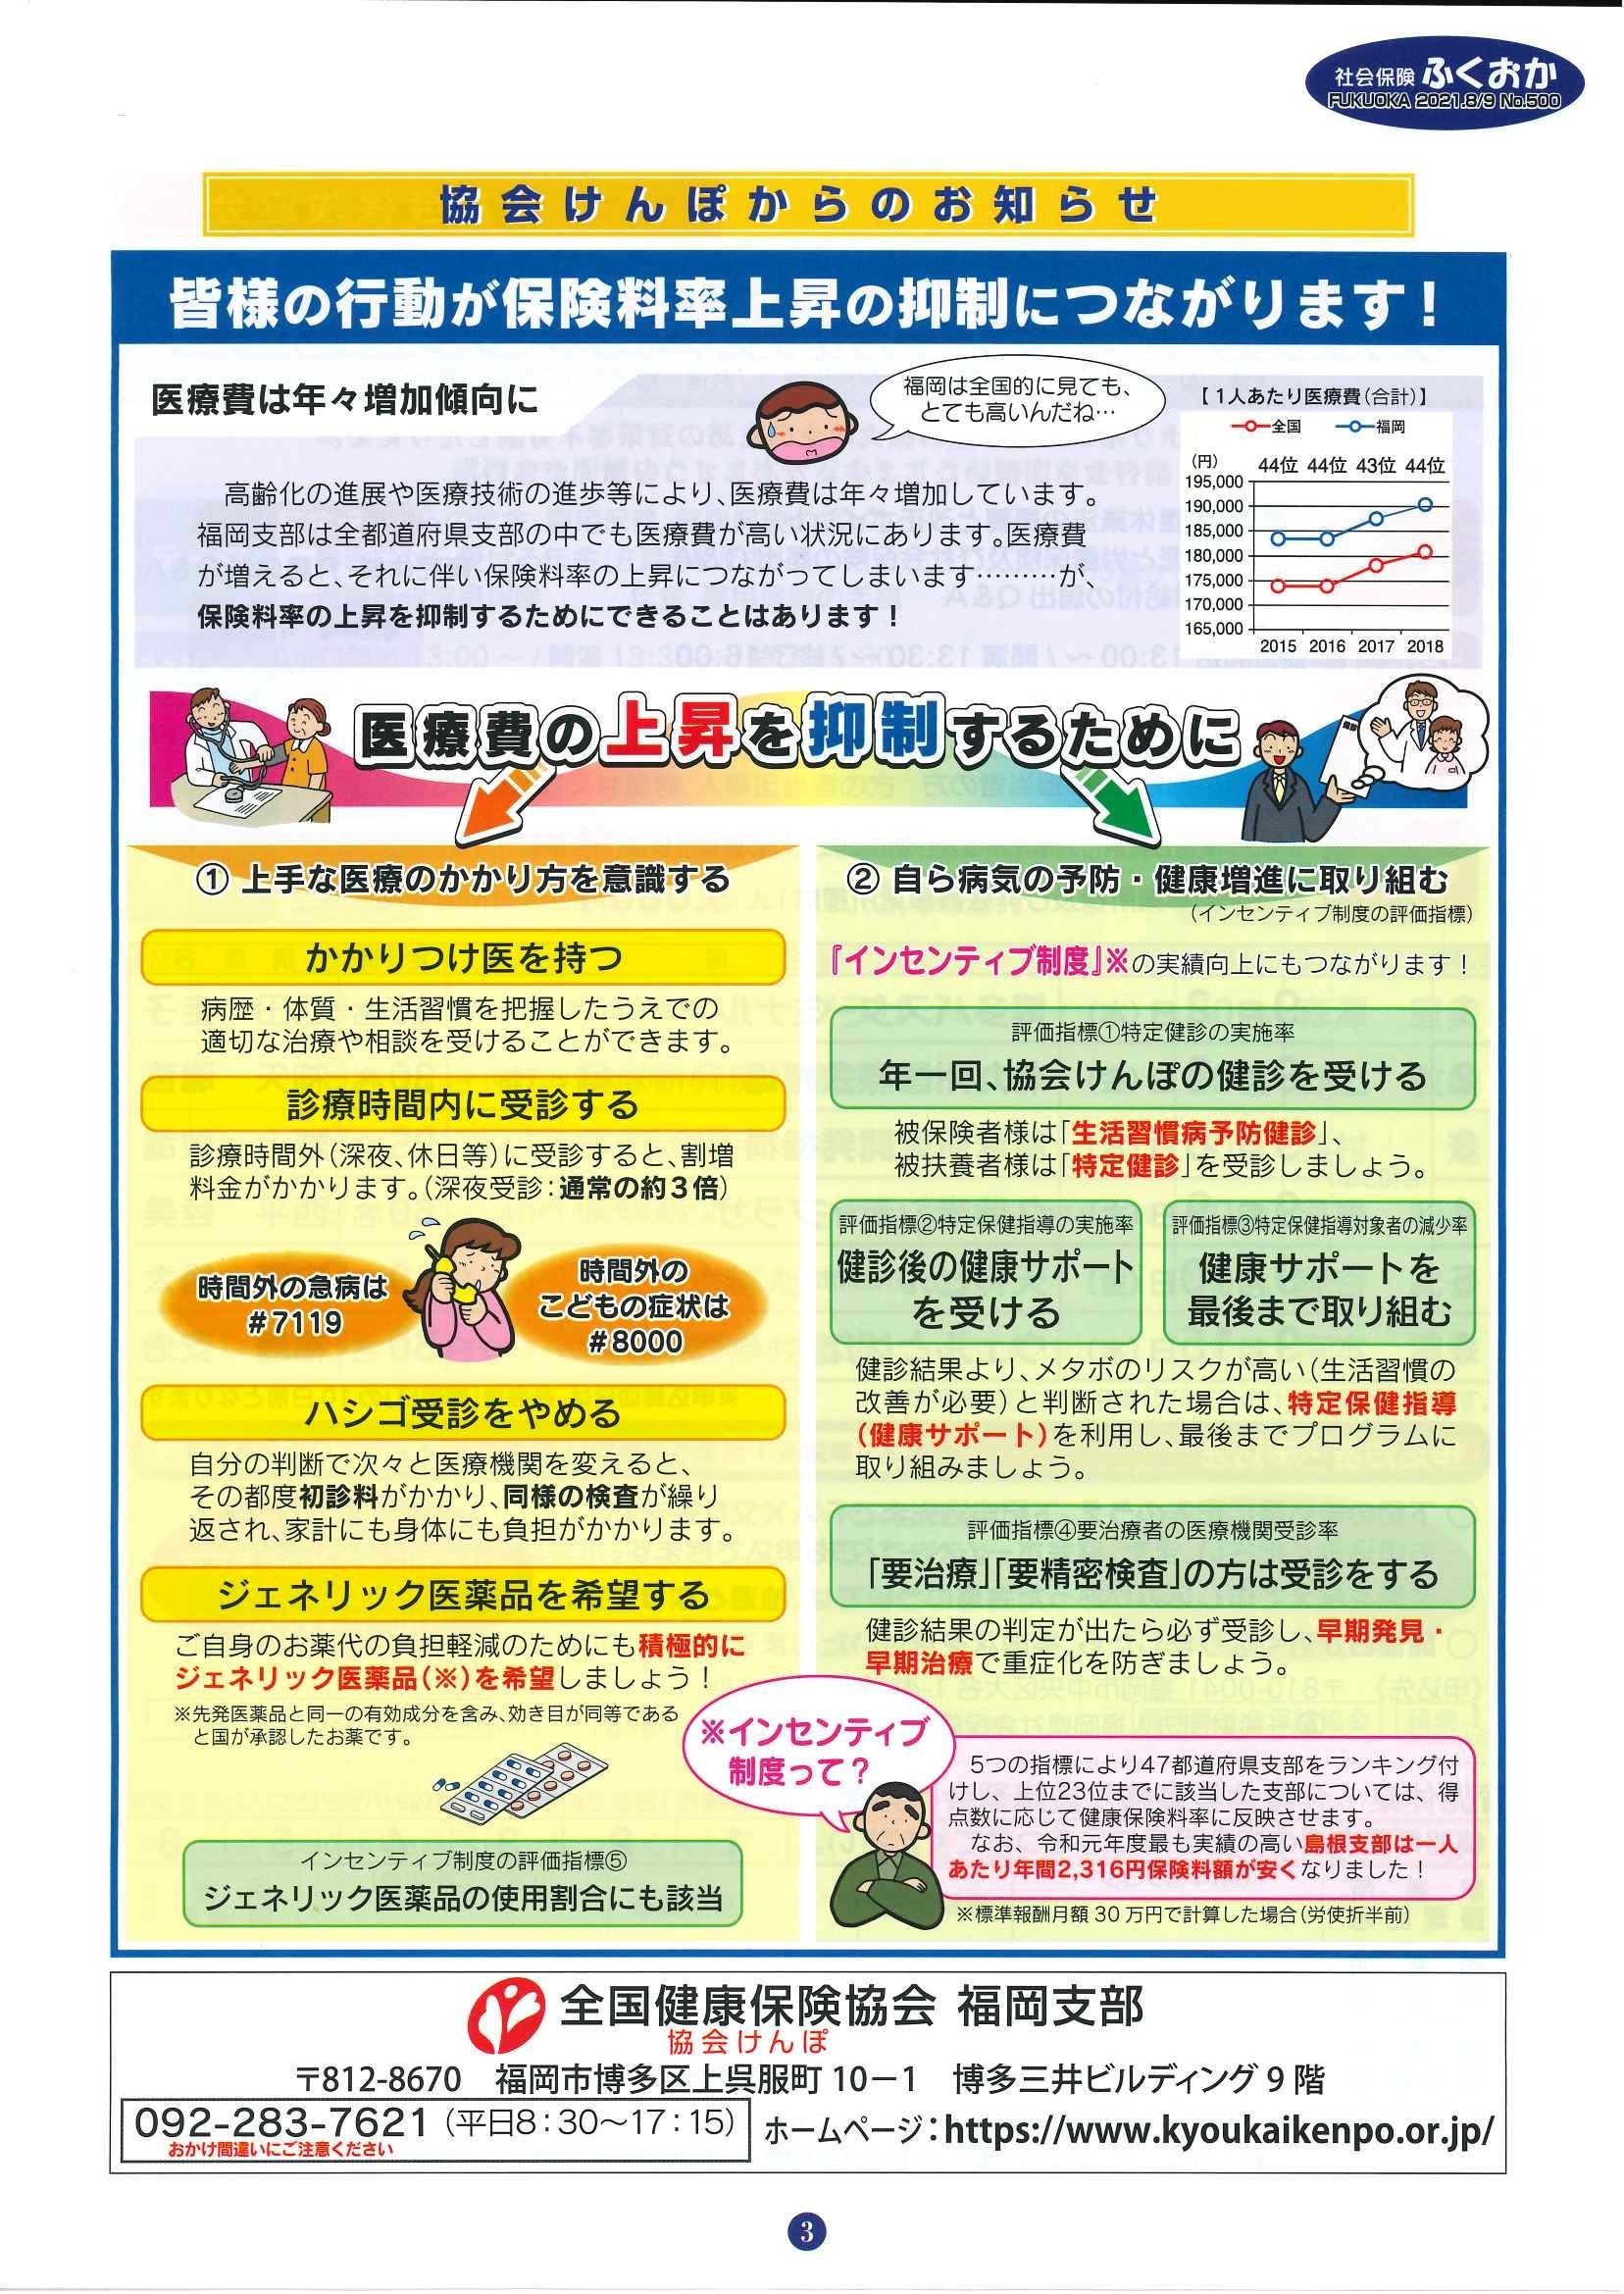 社会保険「ふくおか」2021年 8・9月号_f0120774_09561469.jpg